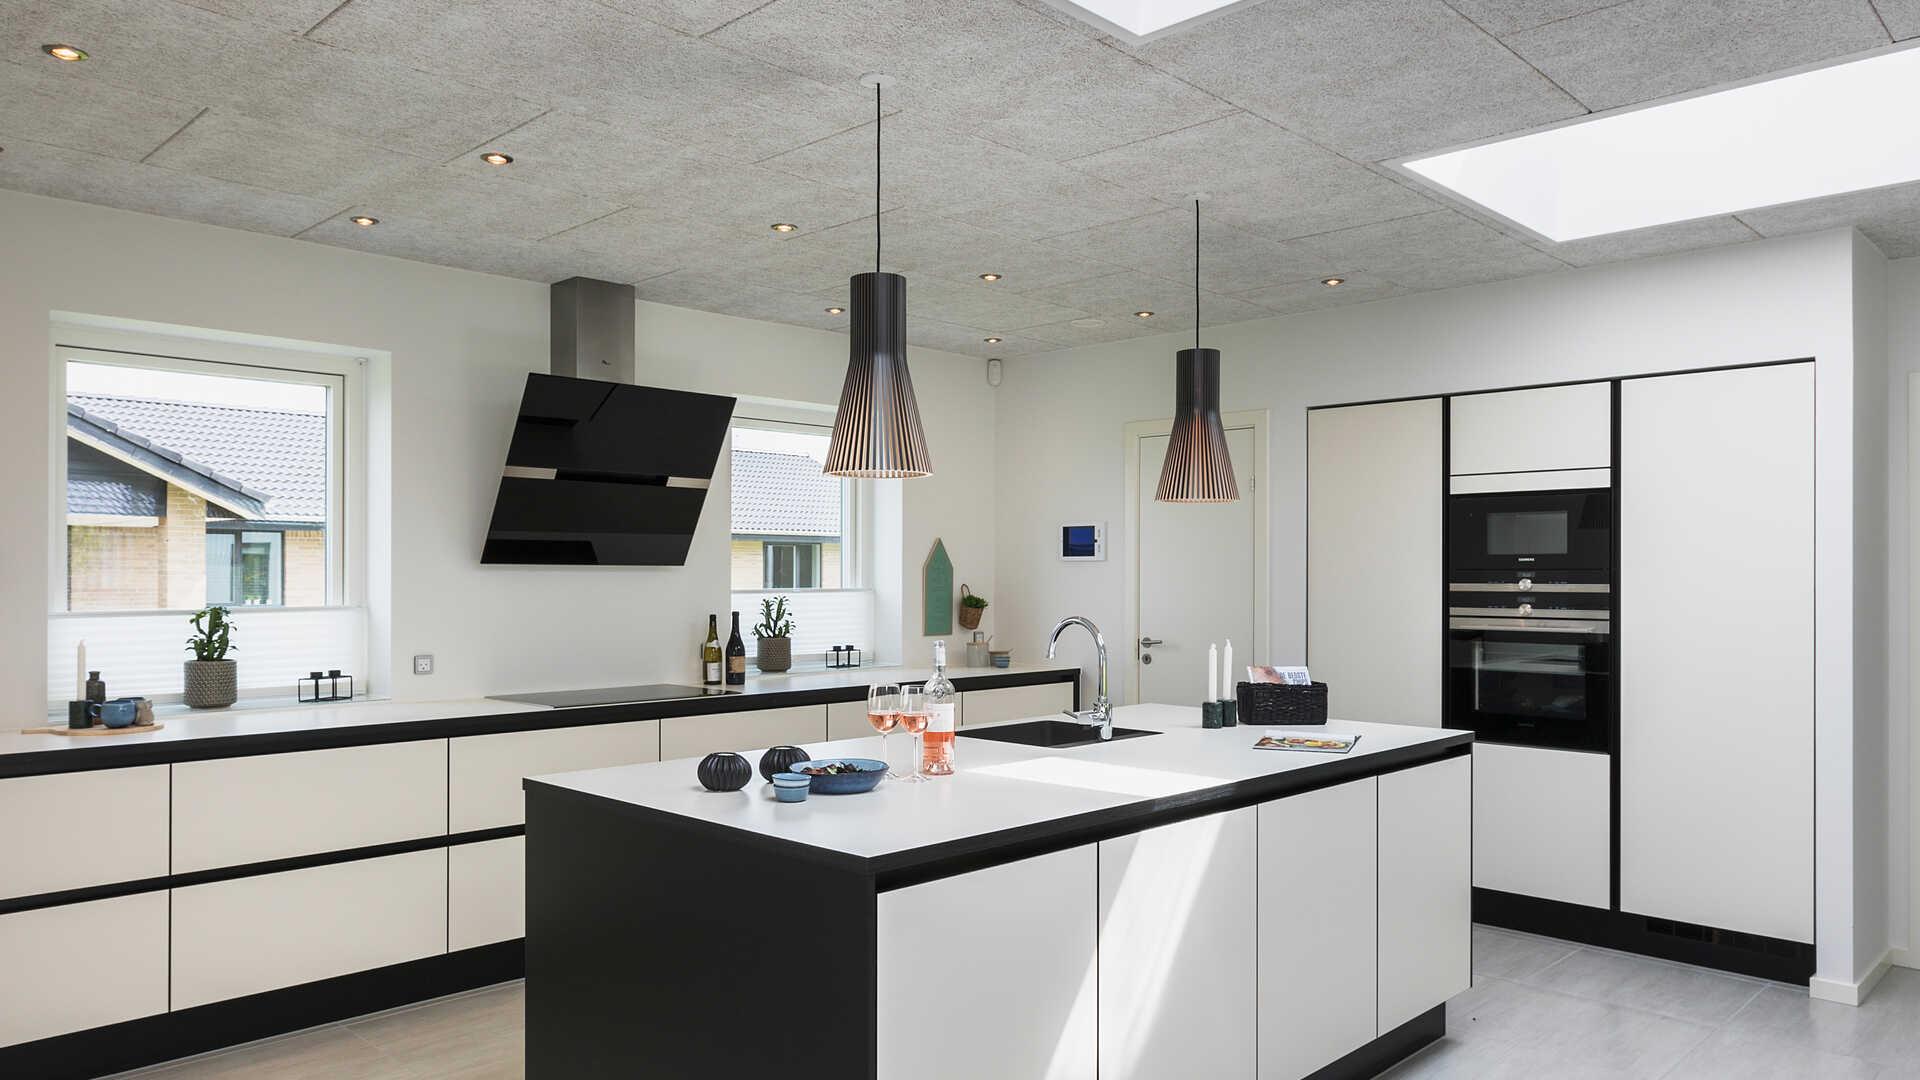 4d6a8070ee1f Udstillingshus i Aalborg SV - Længehus i funkis-stil